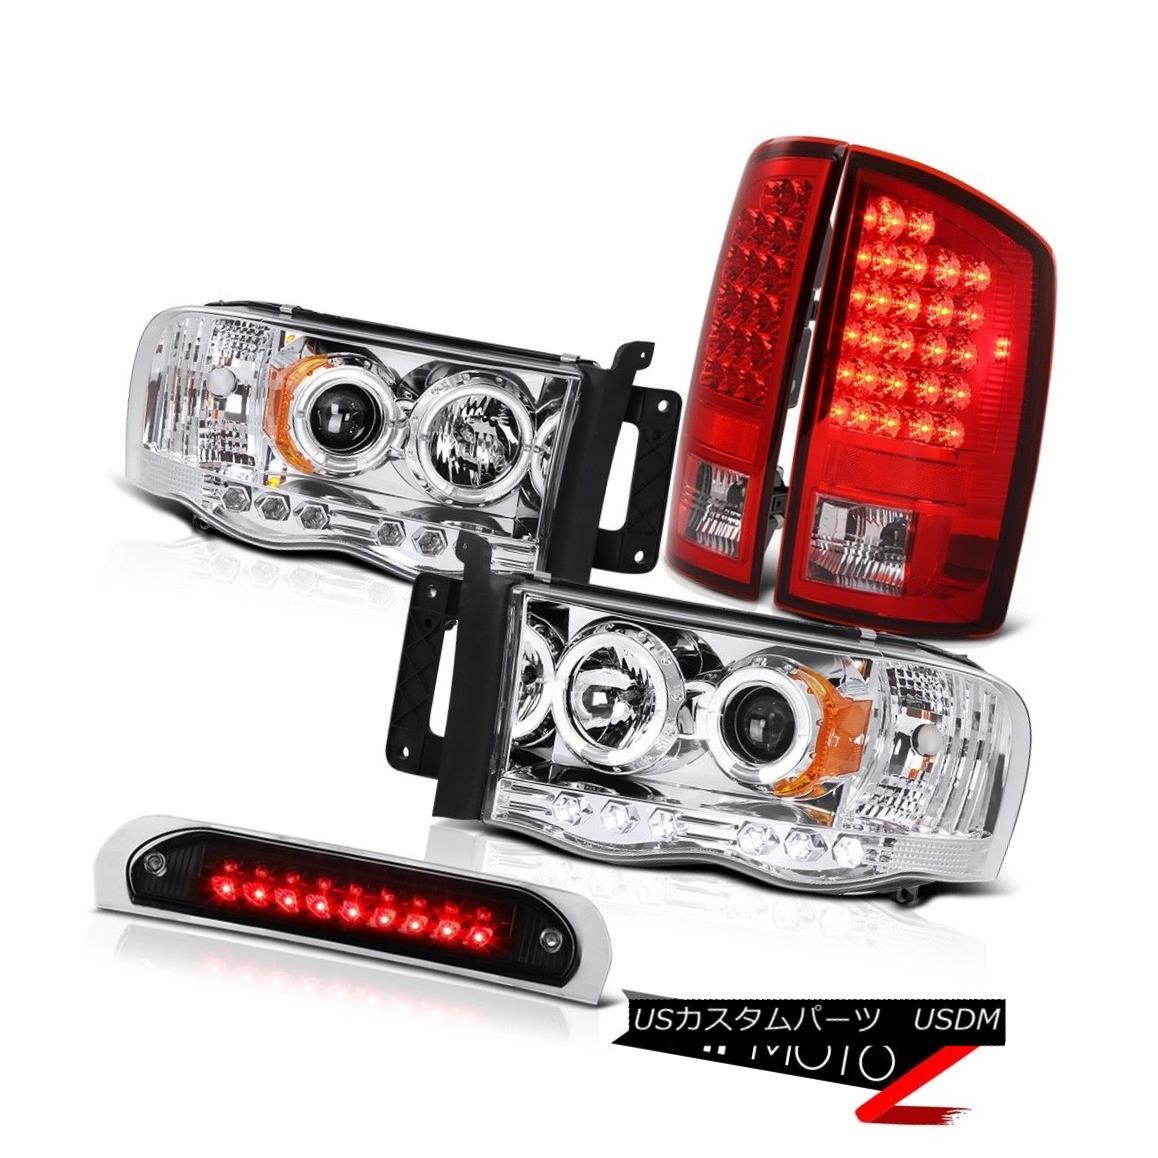 テールライト Twin Halo LED Headlamps Red Tail Lights Black Third Brake 2002-2005 Dodge Ram ツインハローLEDヘッドランプレッドテールライトブラック第3ブレーキ2002-2005ダッジラム